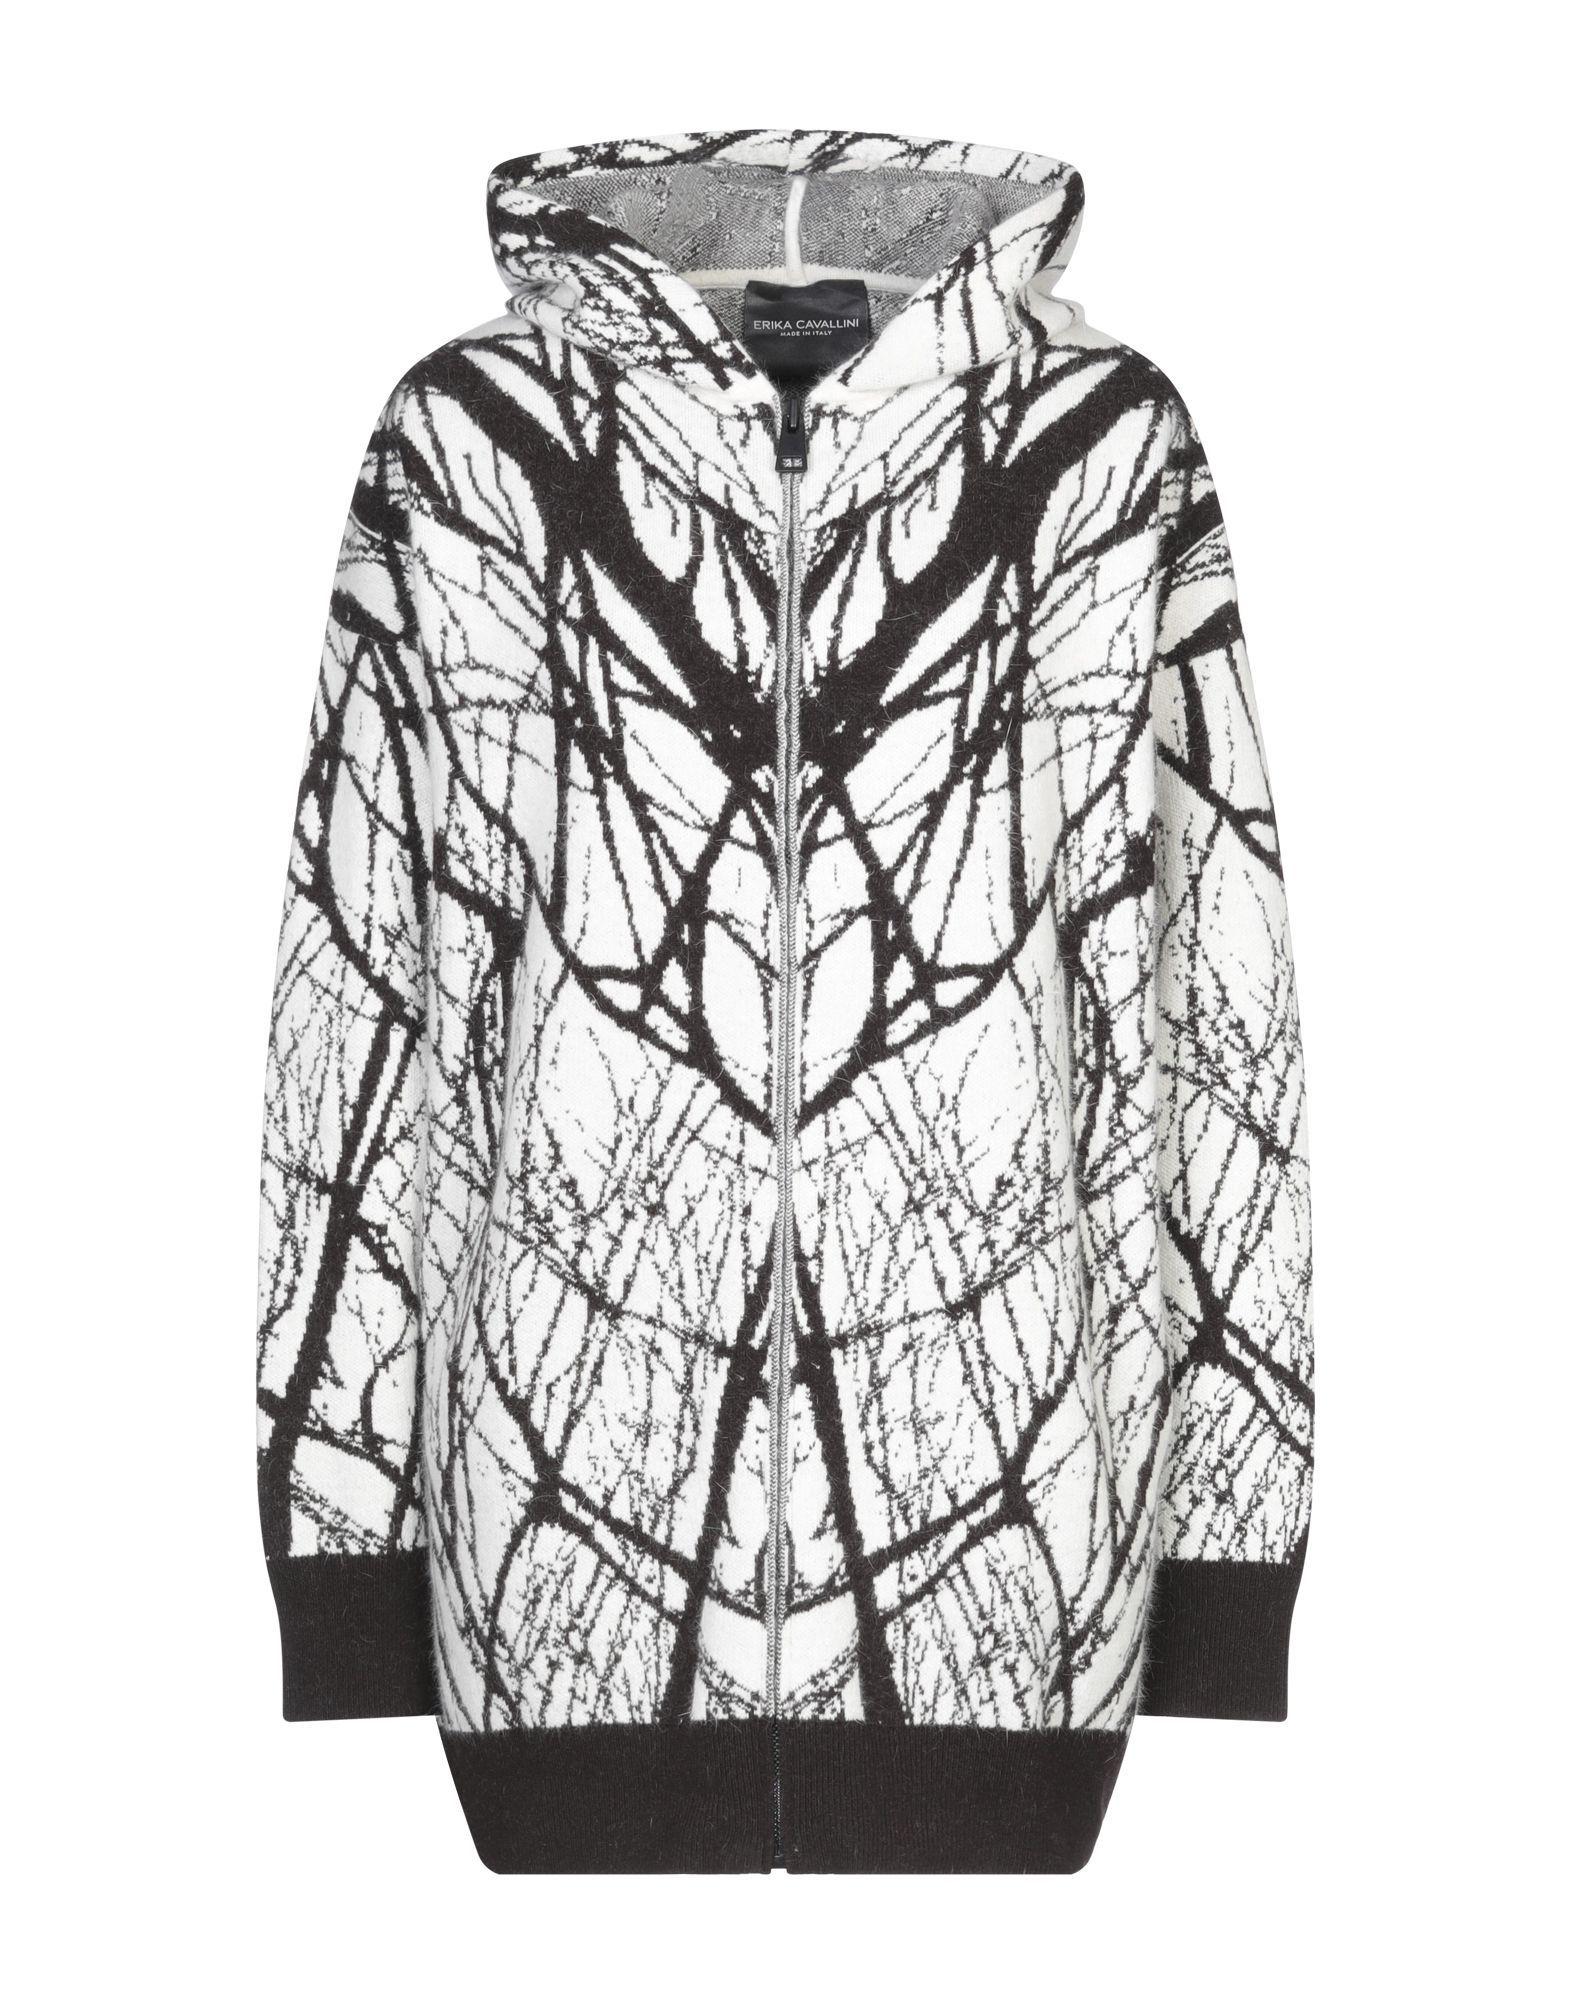 Knitwear Erika Cavallini White Women's Angora